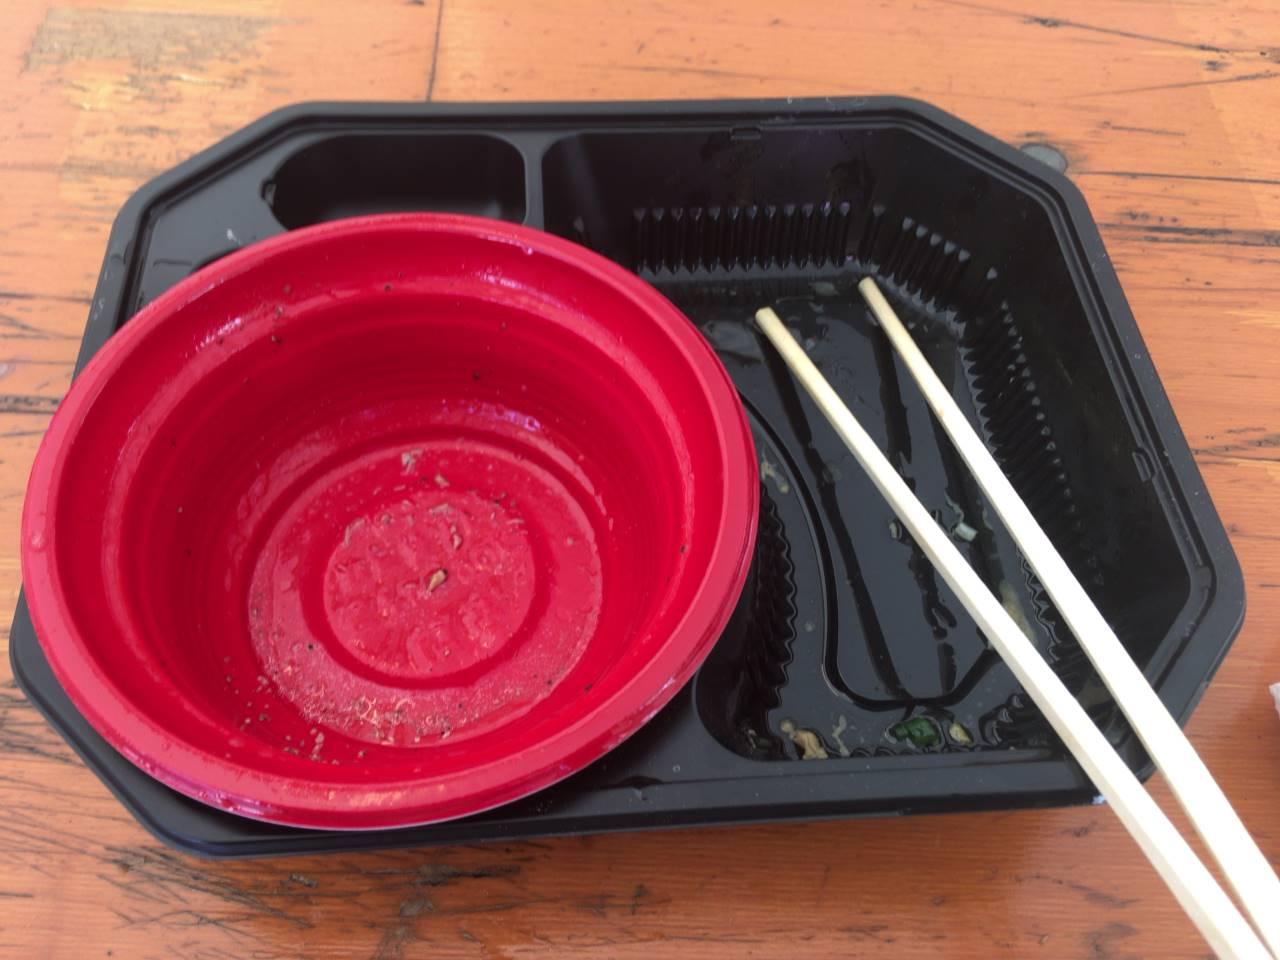 完飲・完食:竹末食堂 大つけ麺博2019のつけ麺 ℃濃厚帆立ソースの鶏つけ麺 トリュフの香りと共に